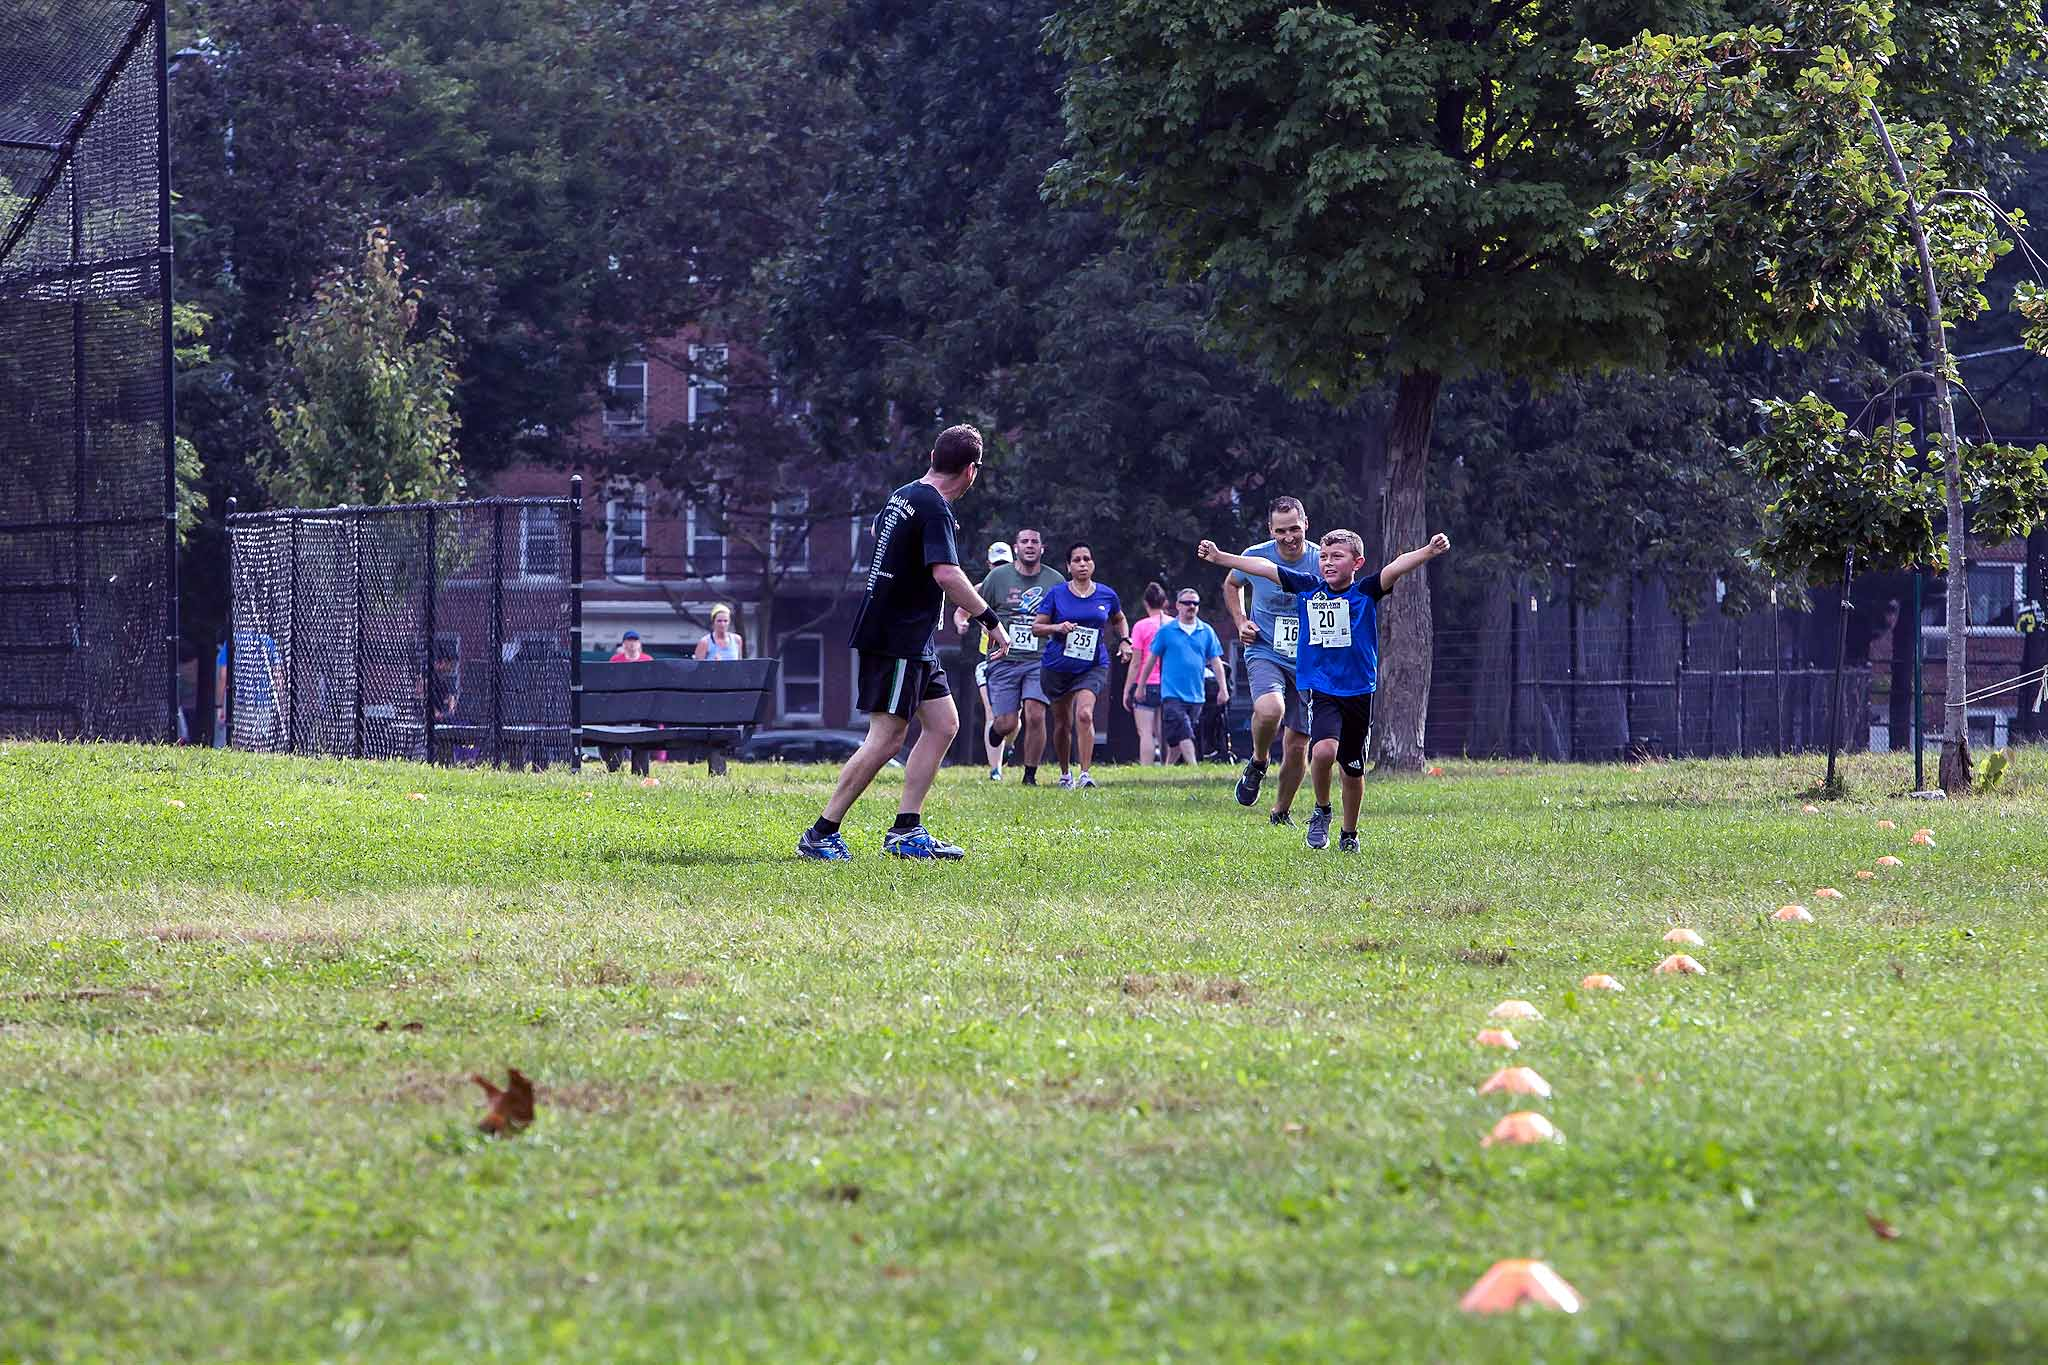 111-Woodlawn Run for a Cause-269.jpg